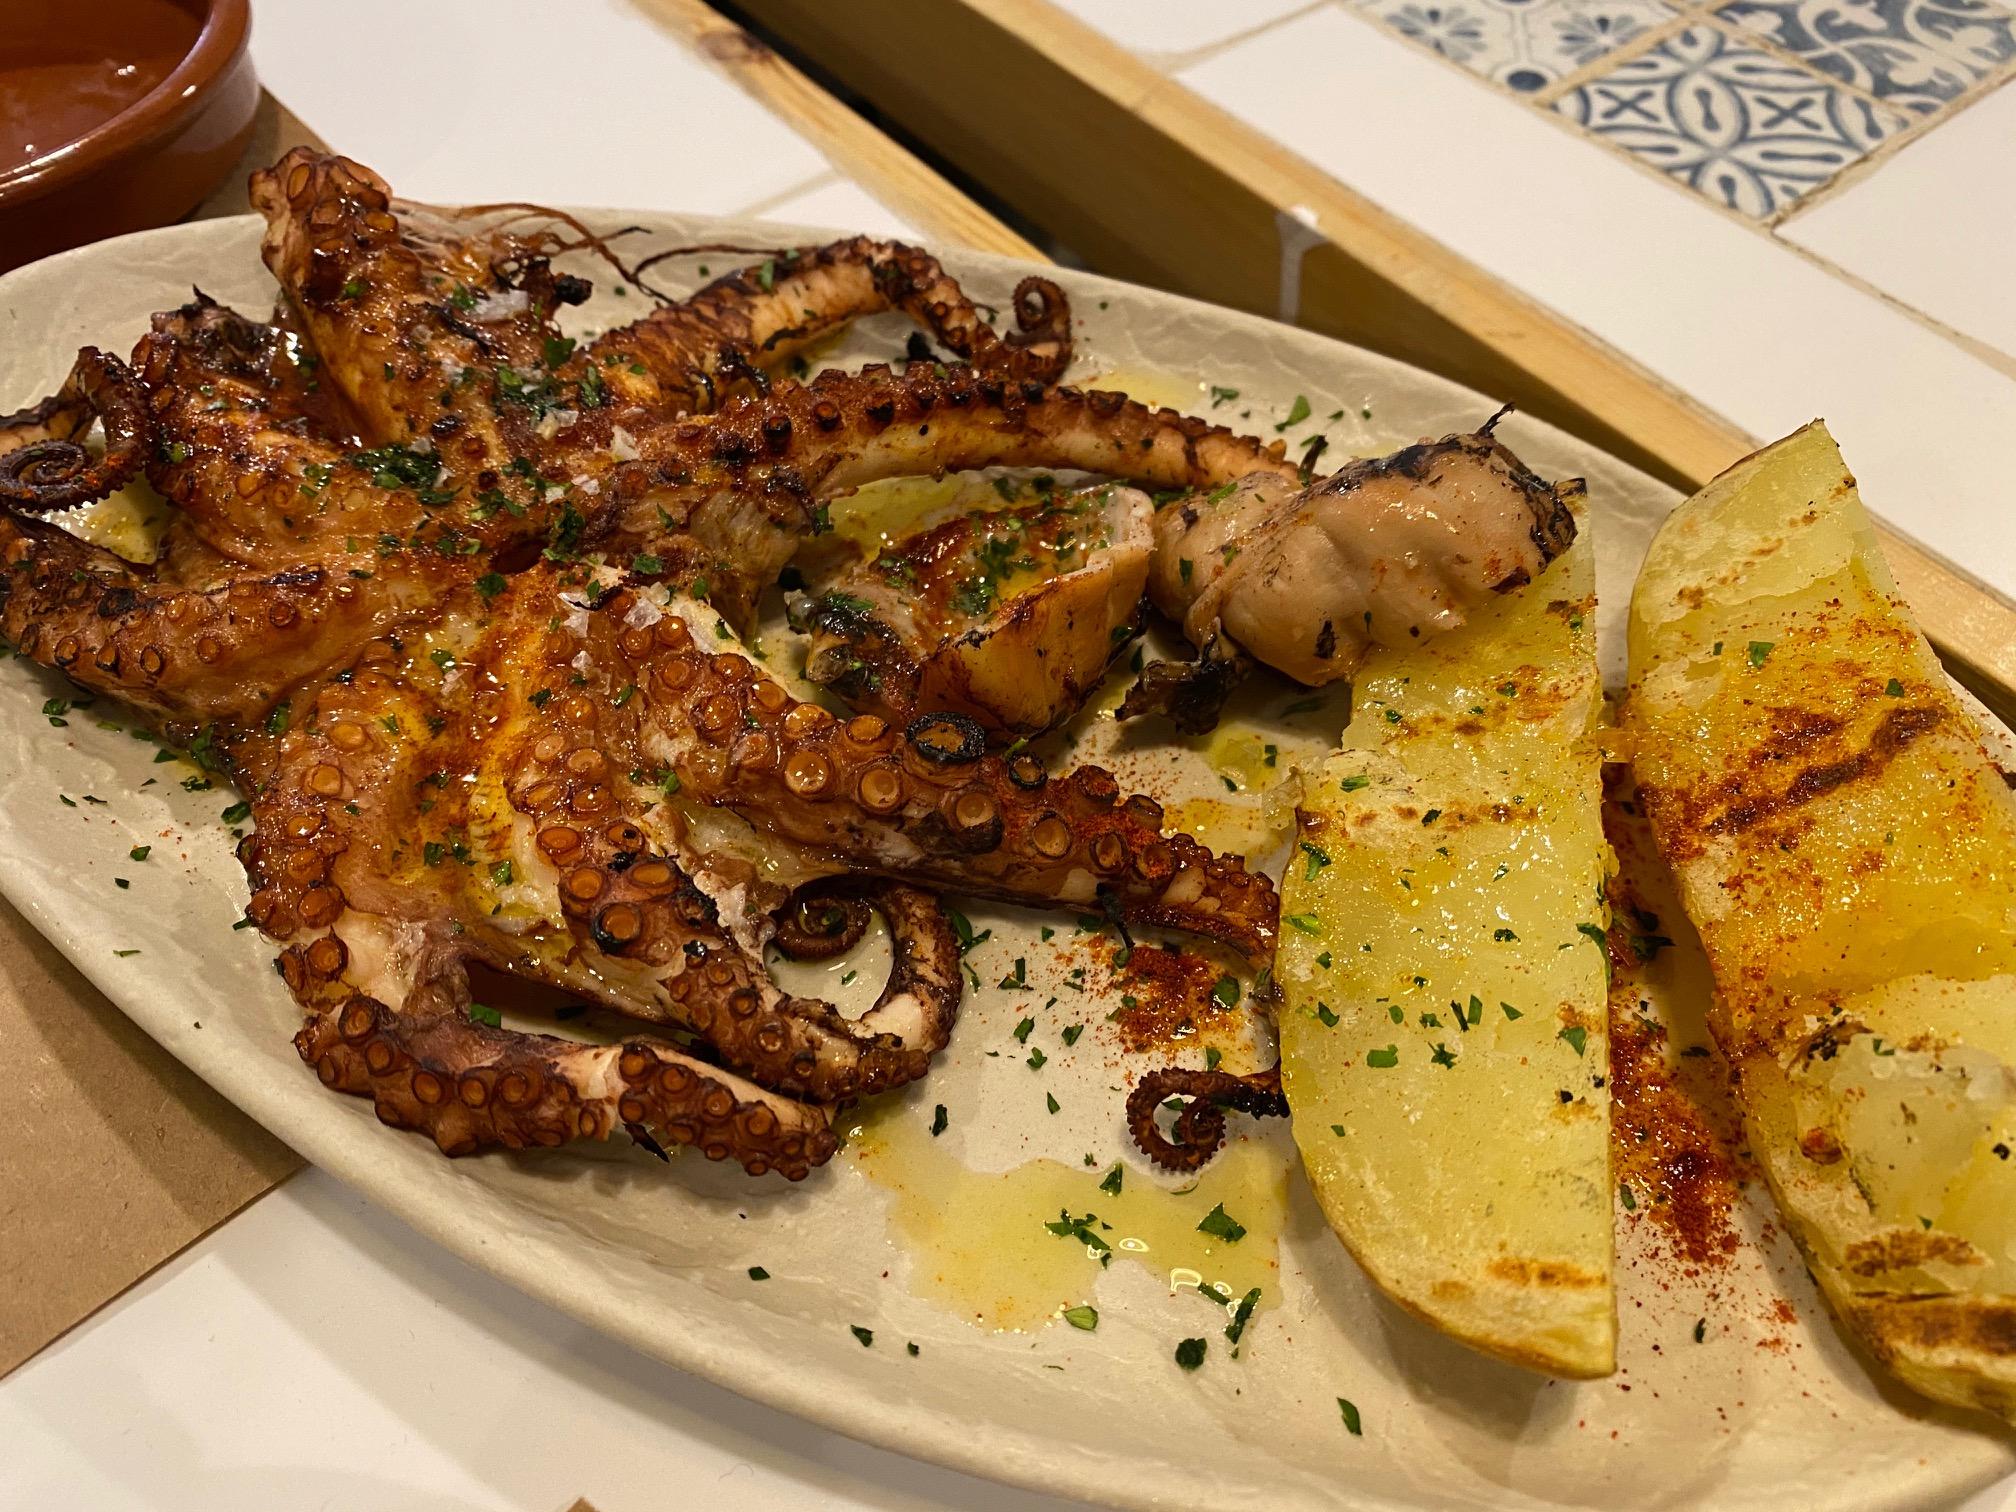 Pulpo a la brasa, especialidad de Aladroc Fish Bar en Ruzafa